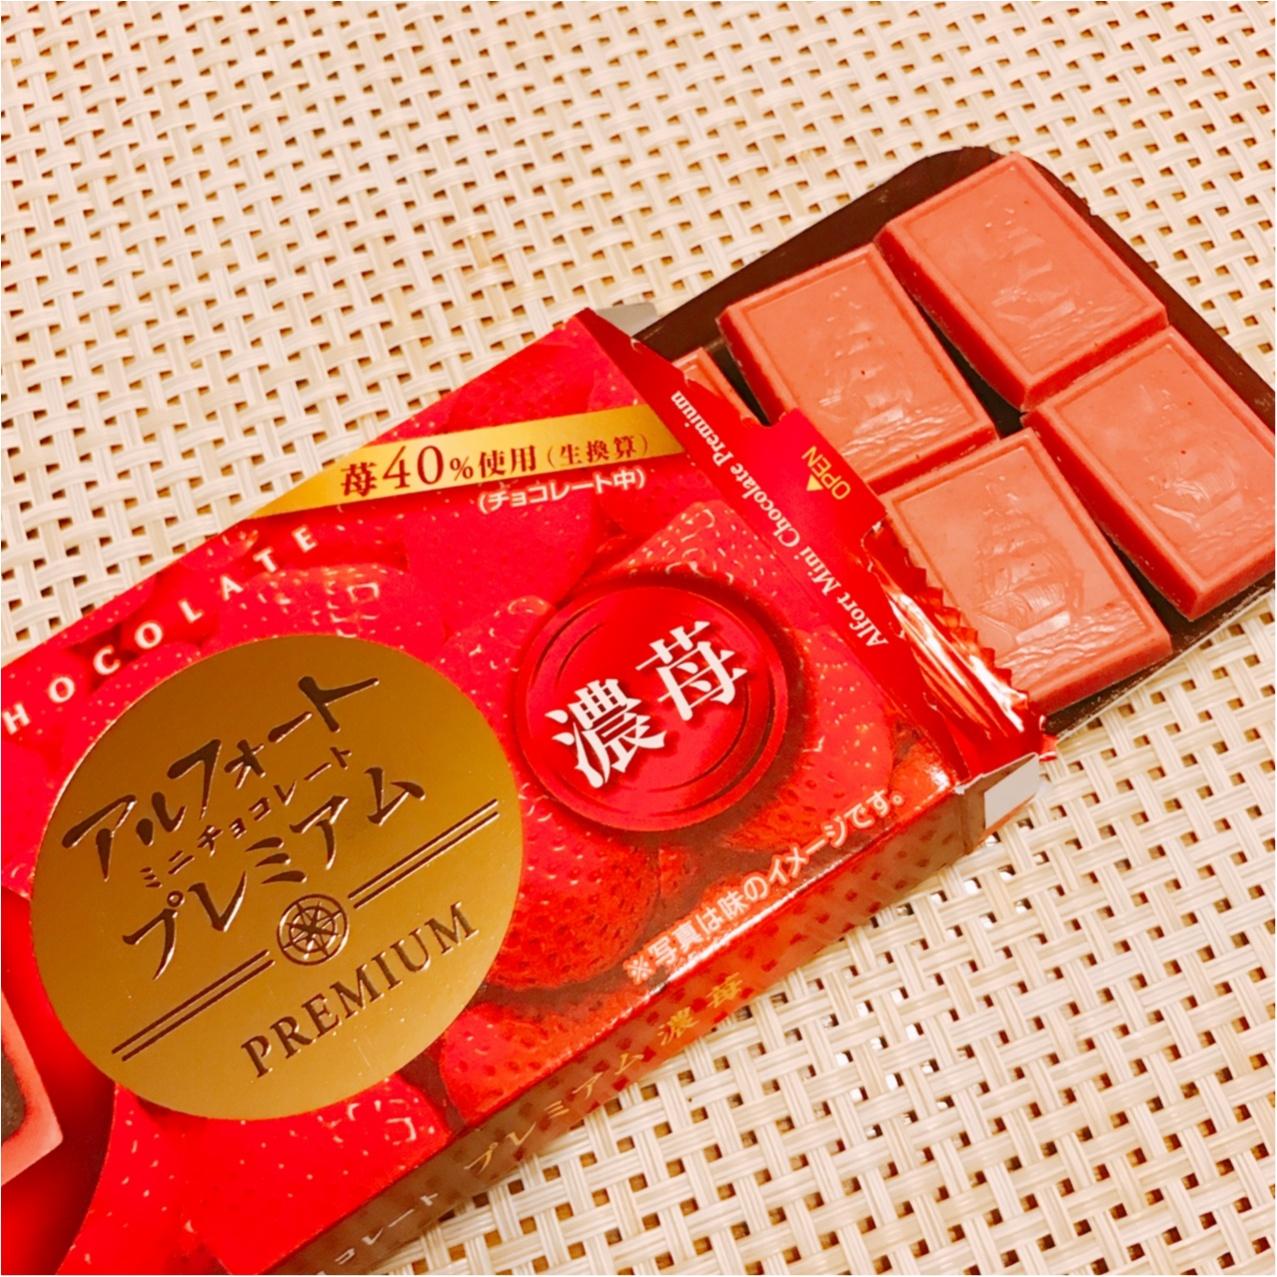 苺好きは絶対食べなきゃ♡《アルフォートミニチョコレートプレミアム濃苺》が登場!_2